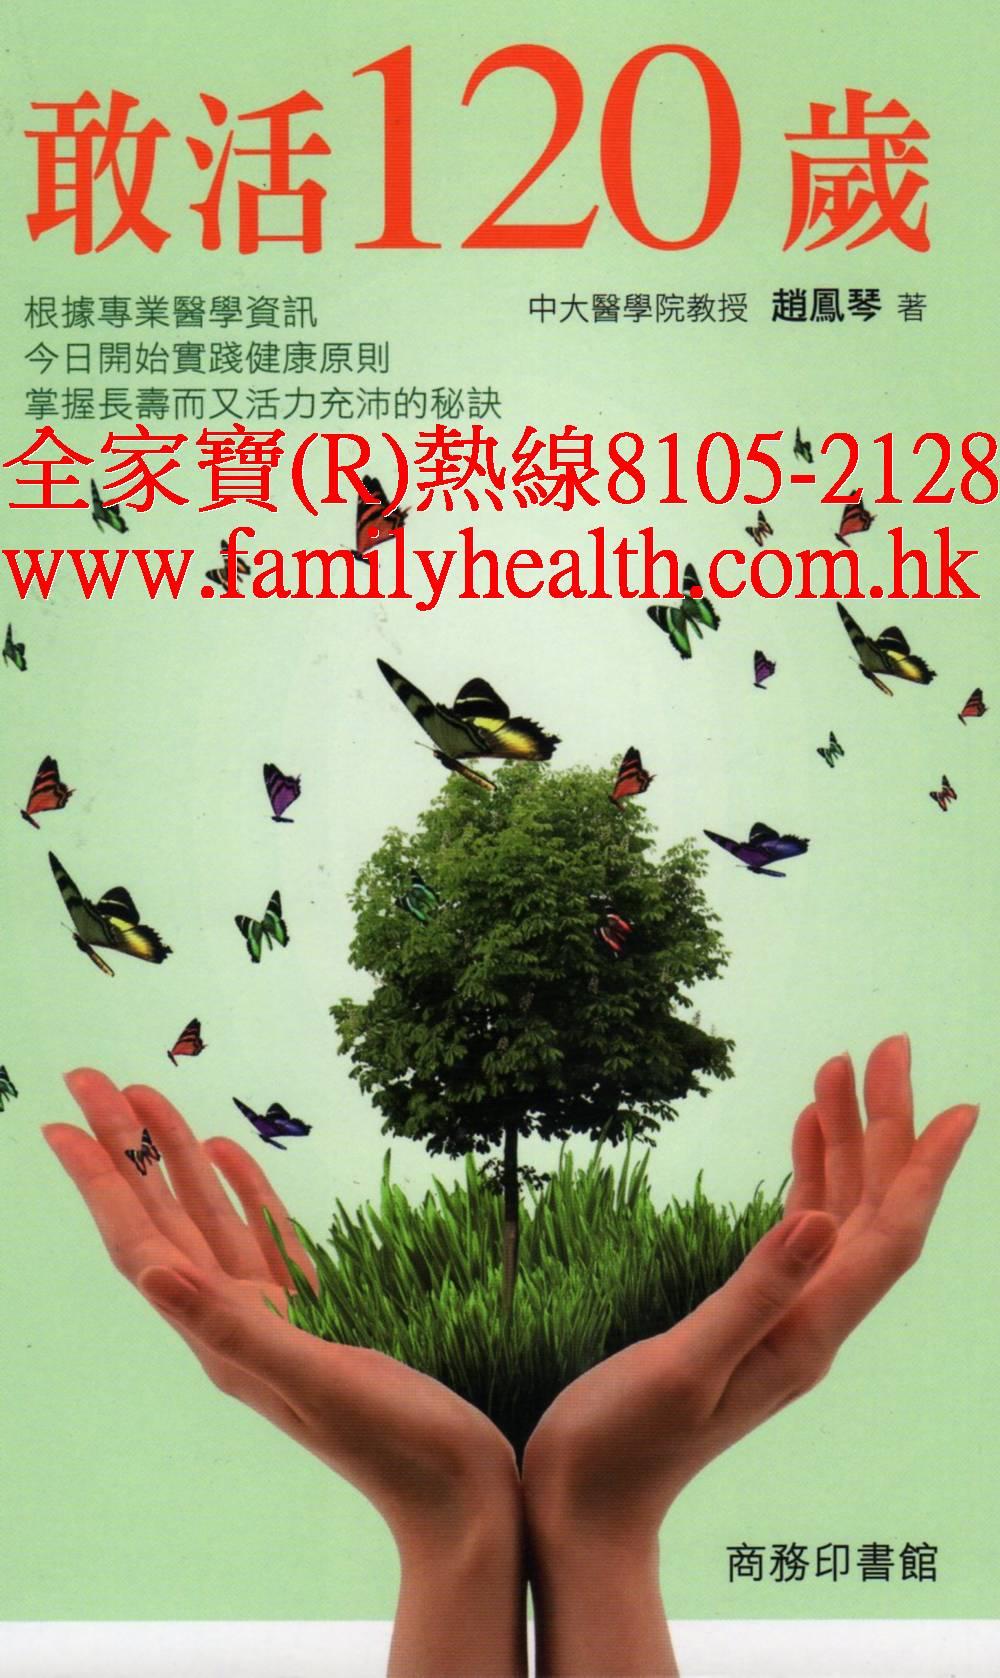 http://www.familyhealth.com.hk/files/full/992_0.jpg